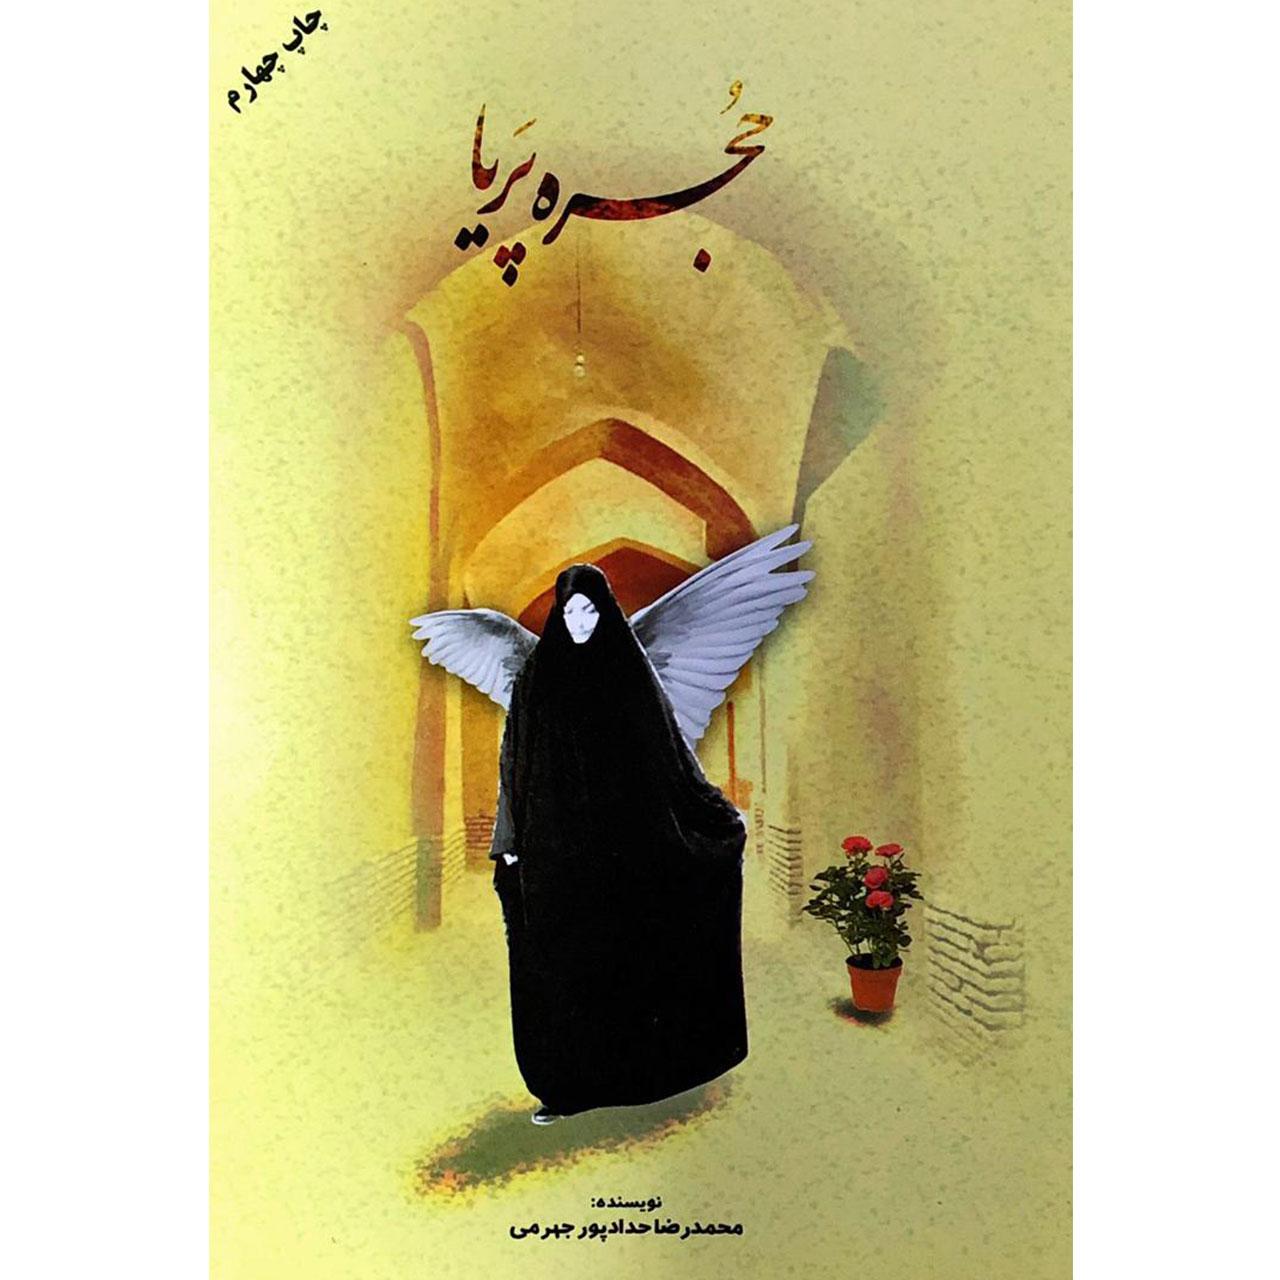 خرید                      کتاب حجره پریا - اثر محمدرضا حدادپور جهرمی